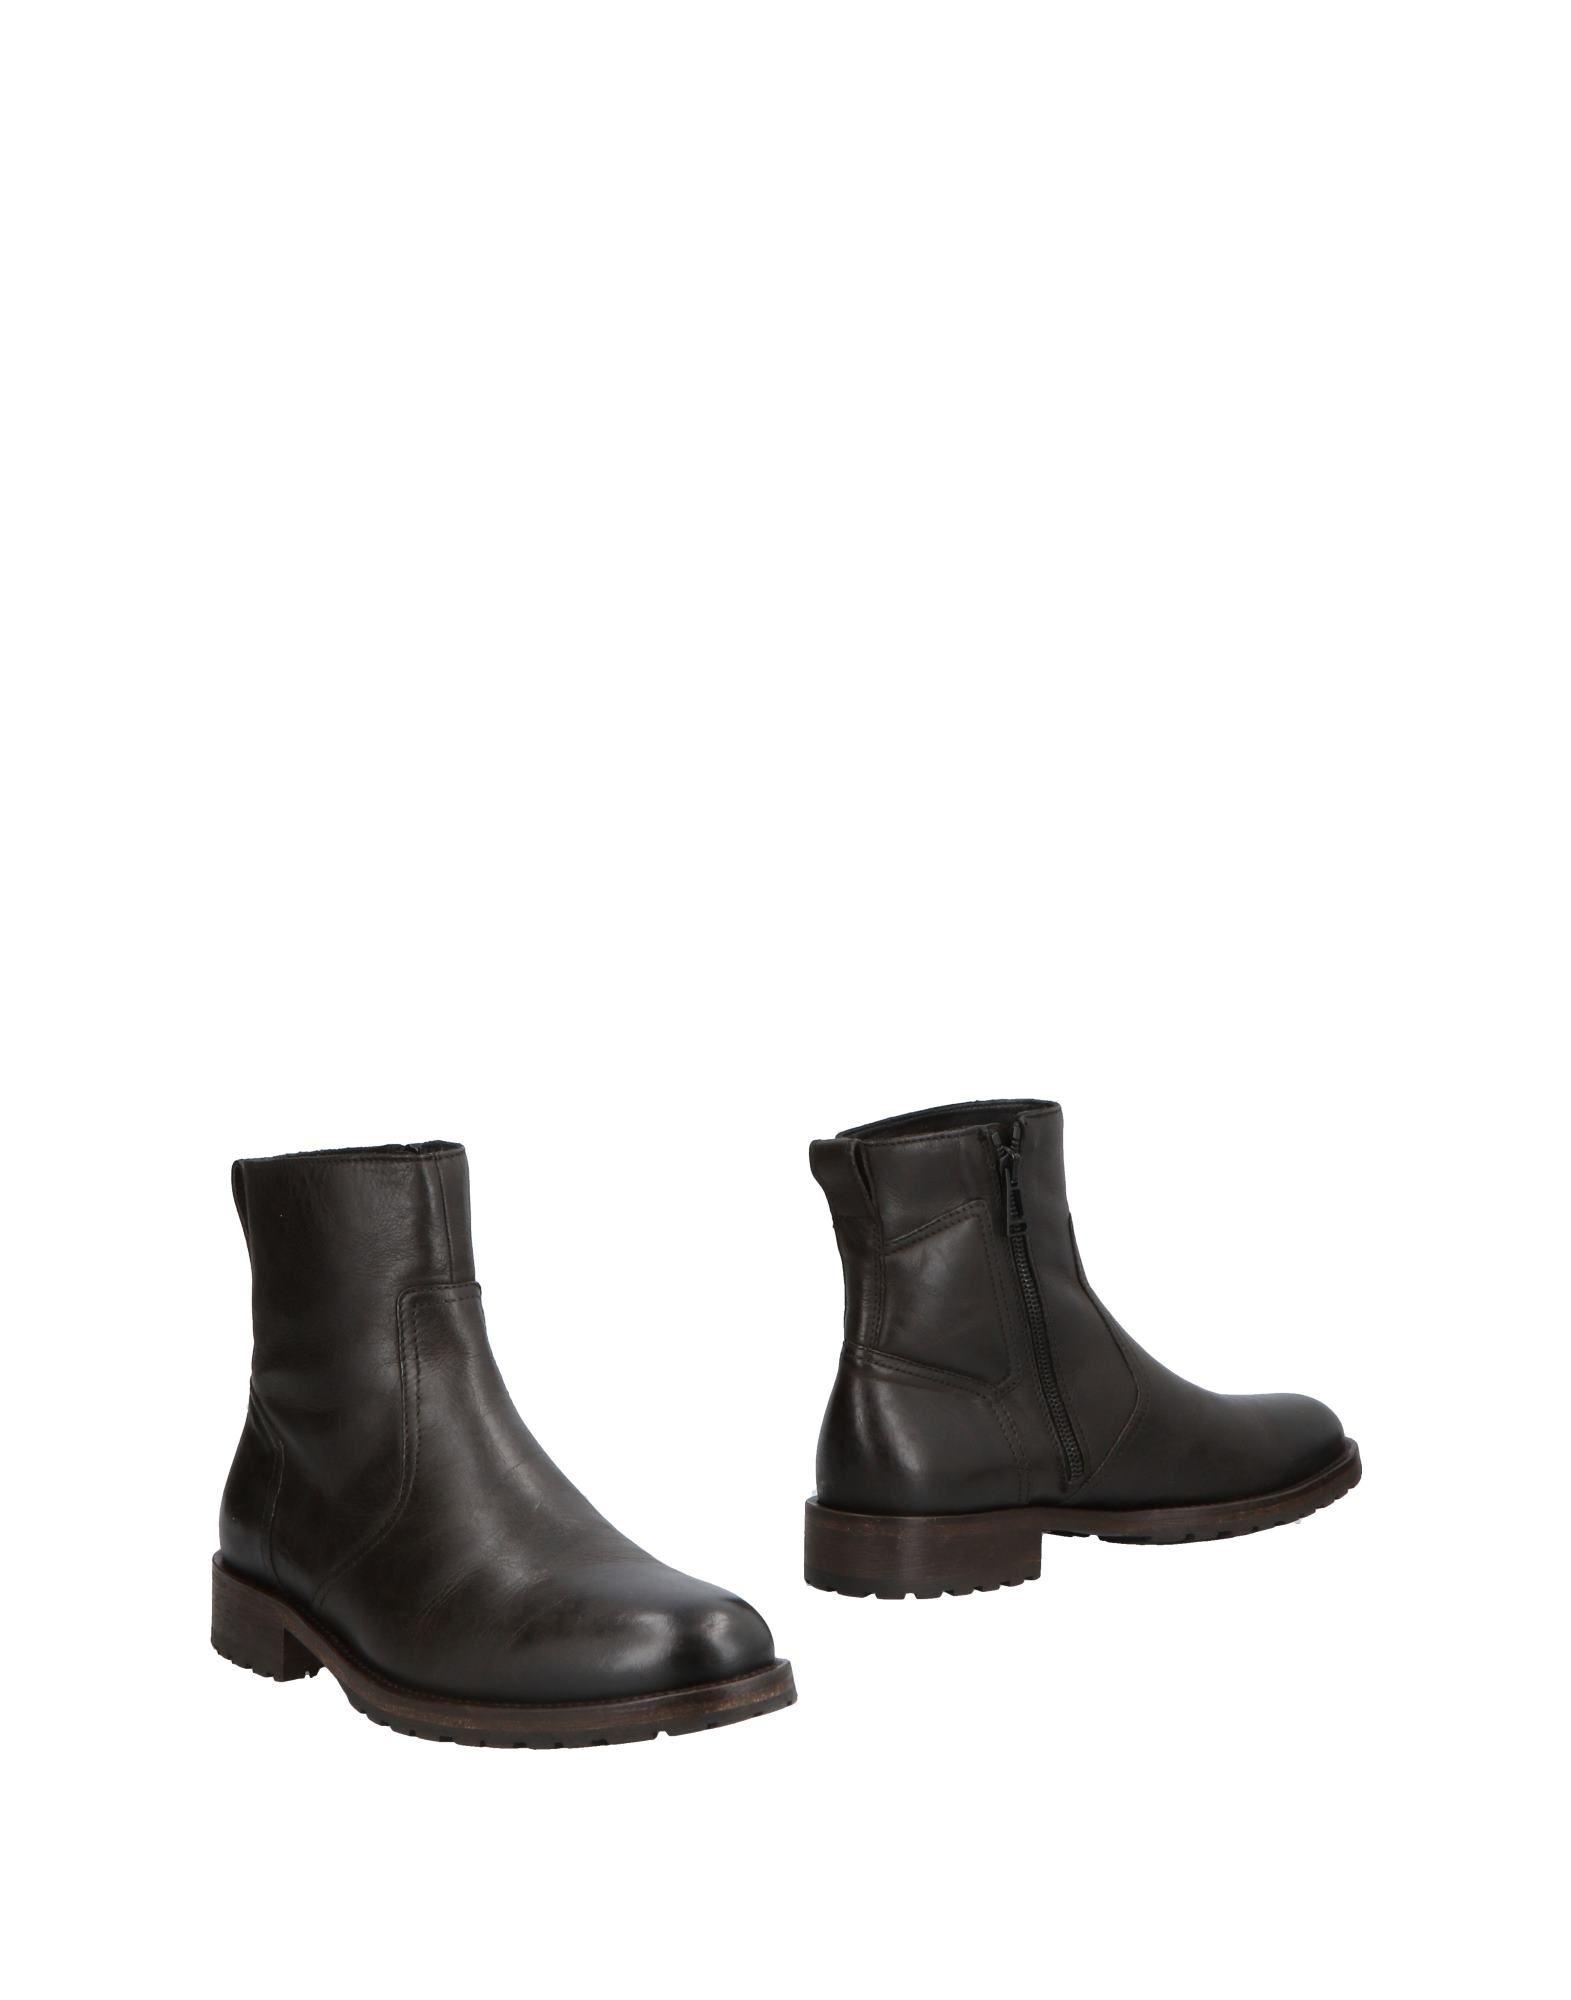 Belstaff Stiefelette Herren  11503095CE Gute Qualität beliebte Schuhe